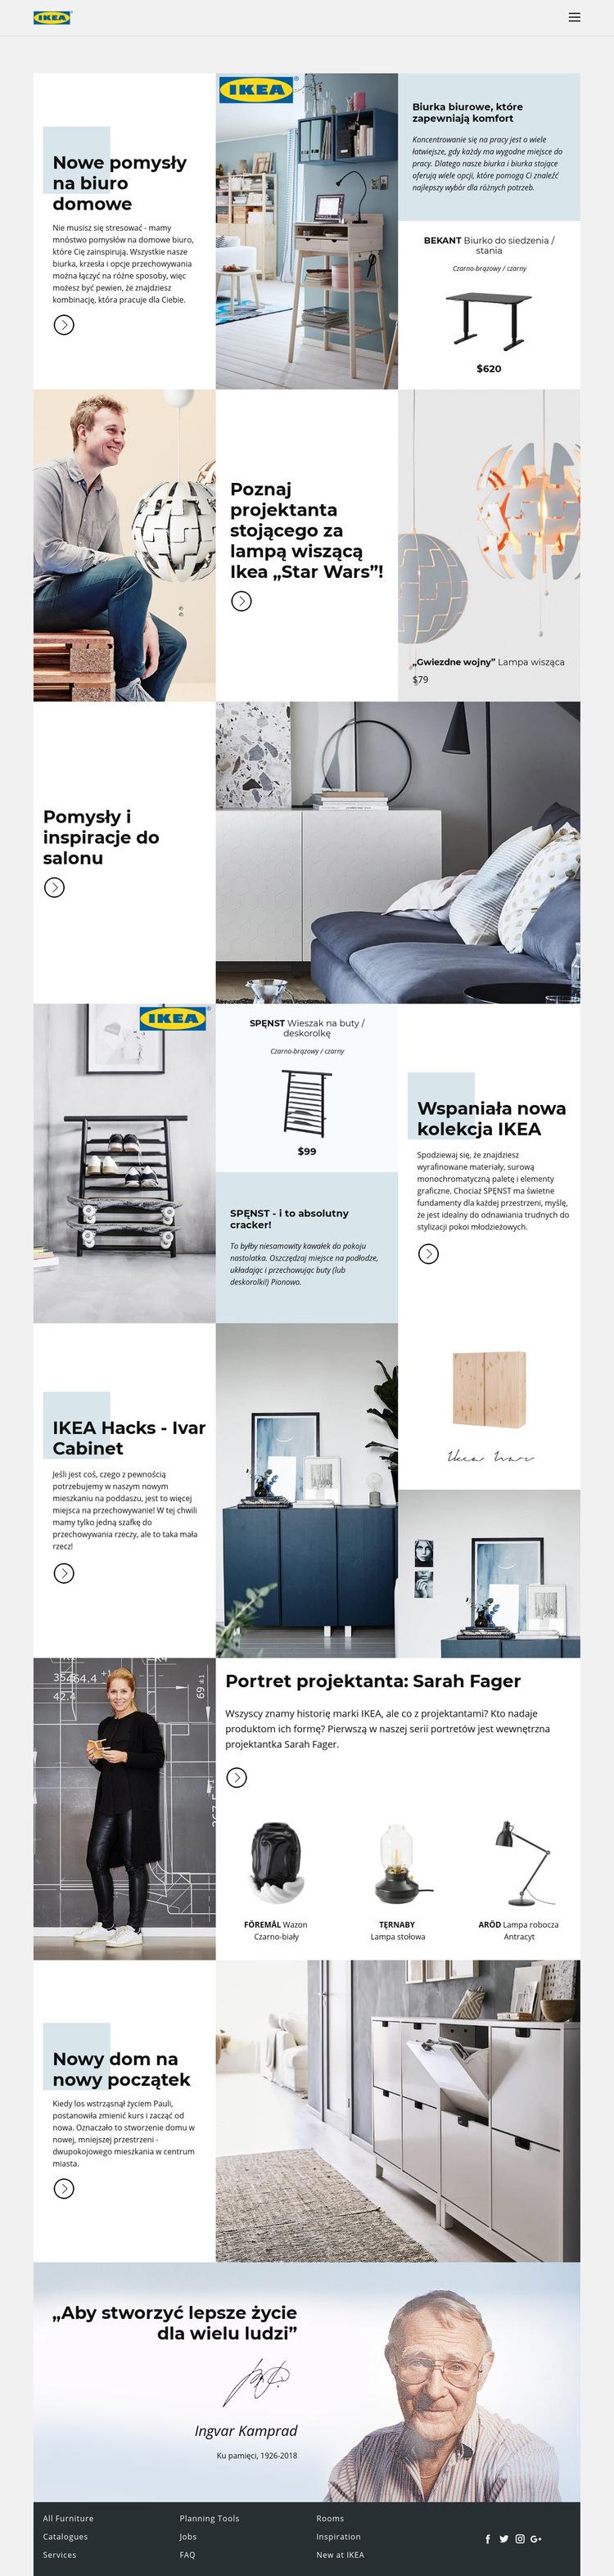 Inspiracja z IKEA Szablon witryny sieci Web